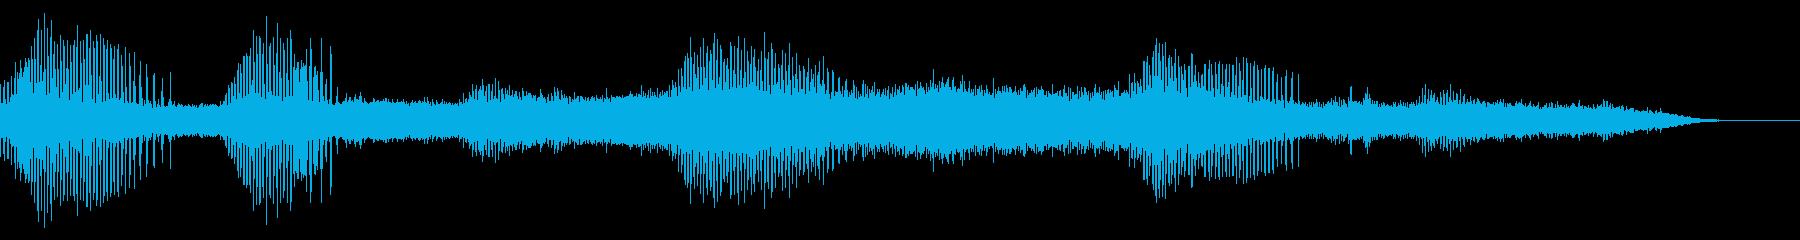 蜩の鳴き声が鳴り響く日本の田舎の山の再生済みの波形